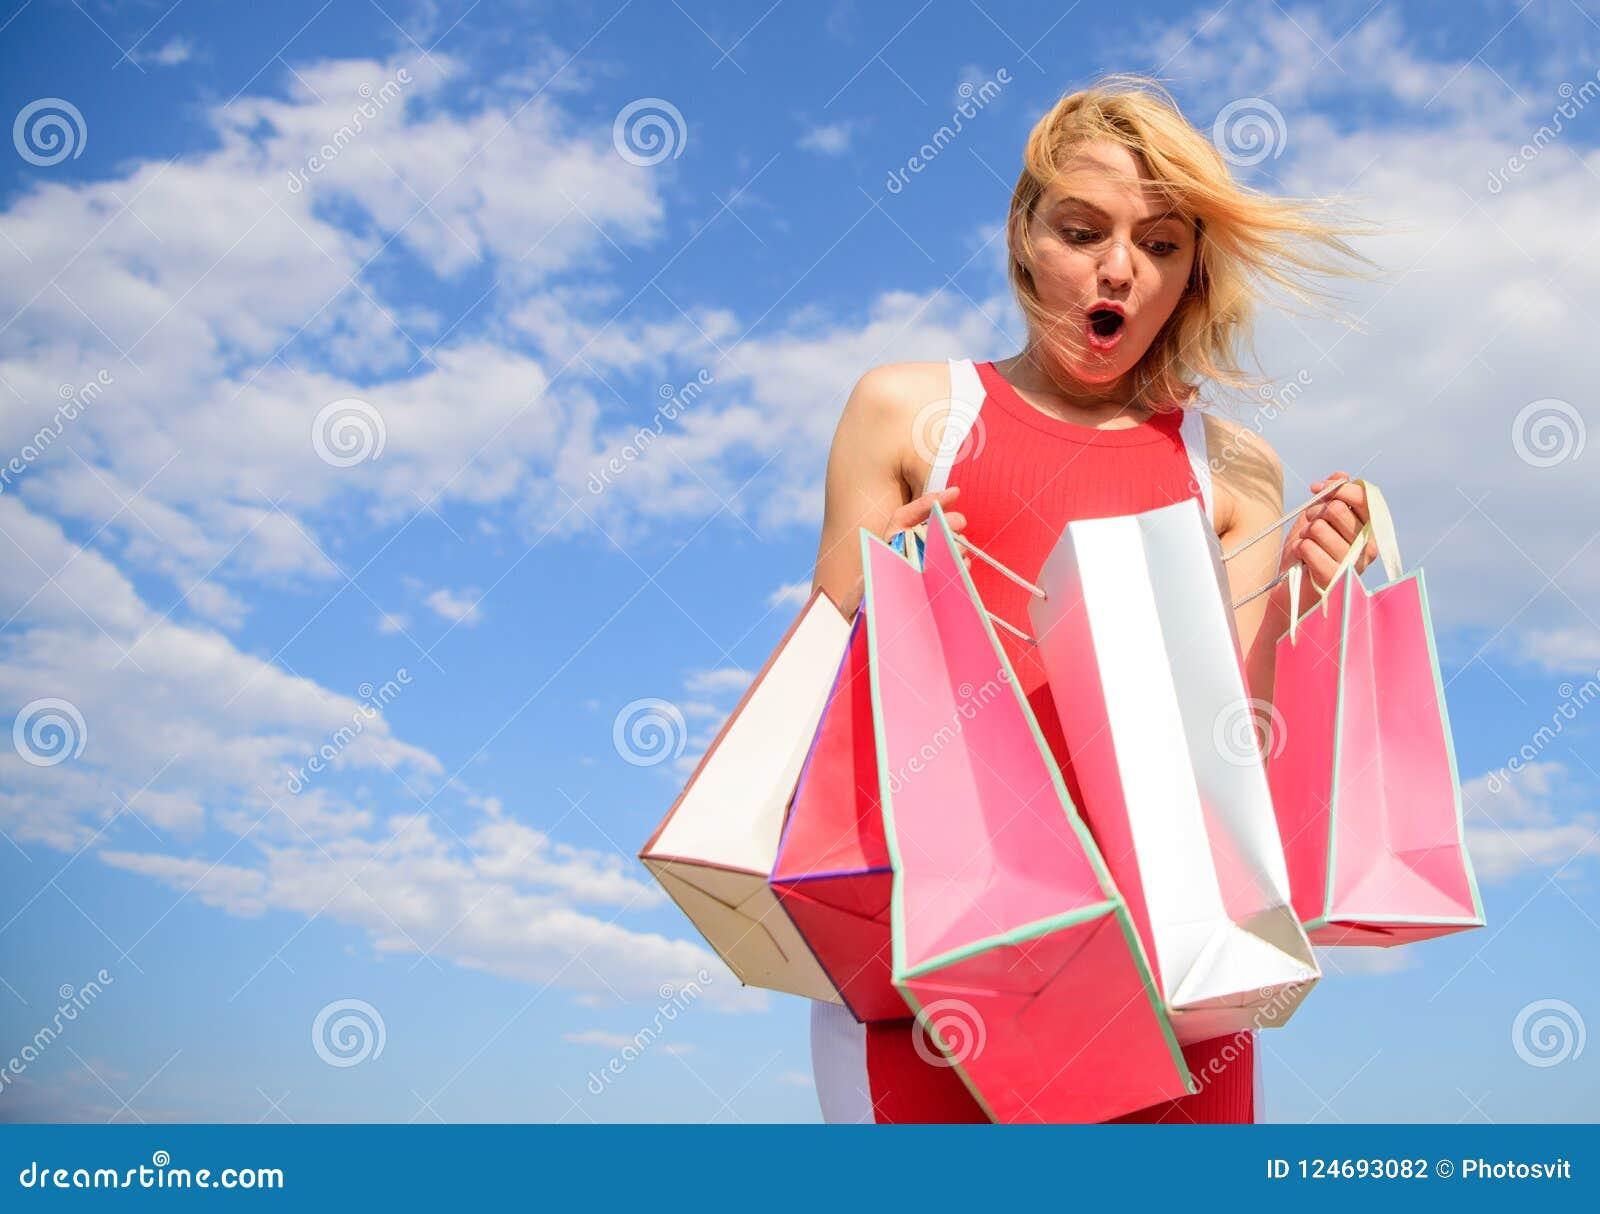 Draagt de vrouwen rode kleding bos het winkelen achtergrond van de zakken de blauwe hemel Meisje tevreden met aankopen Het winkel